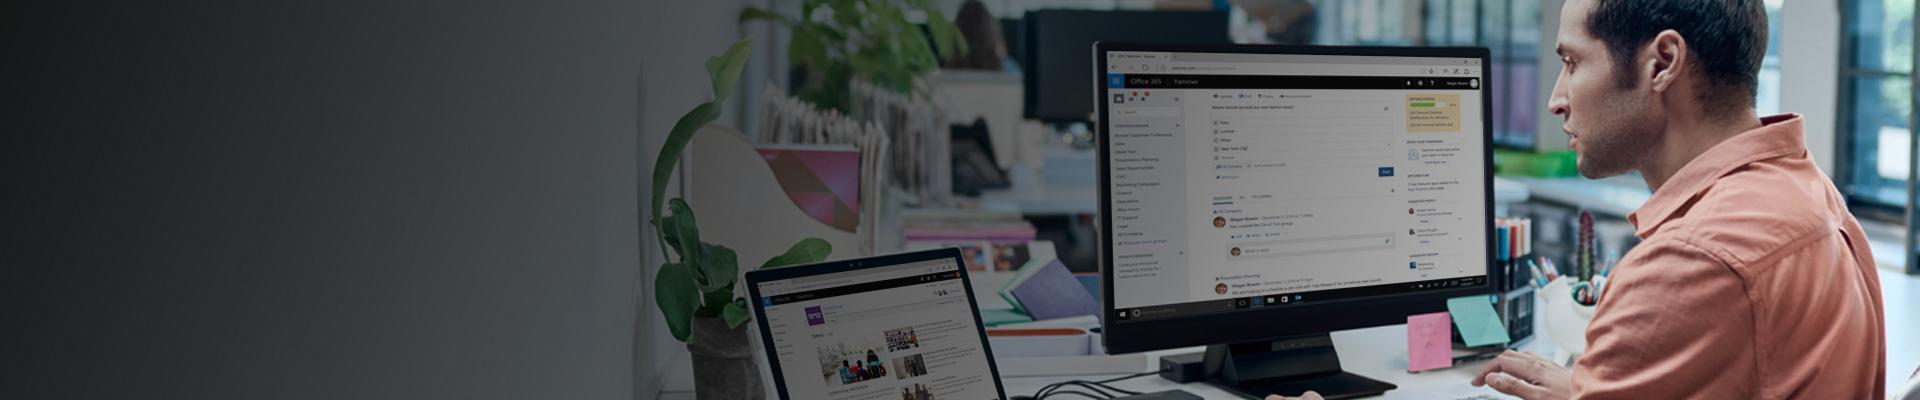 Homme regardant un ordinateur sur lequel est exécuté SharePoint, avec Yammer en arrière-plan sur un autre ordinateur